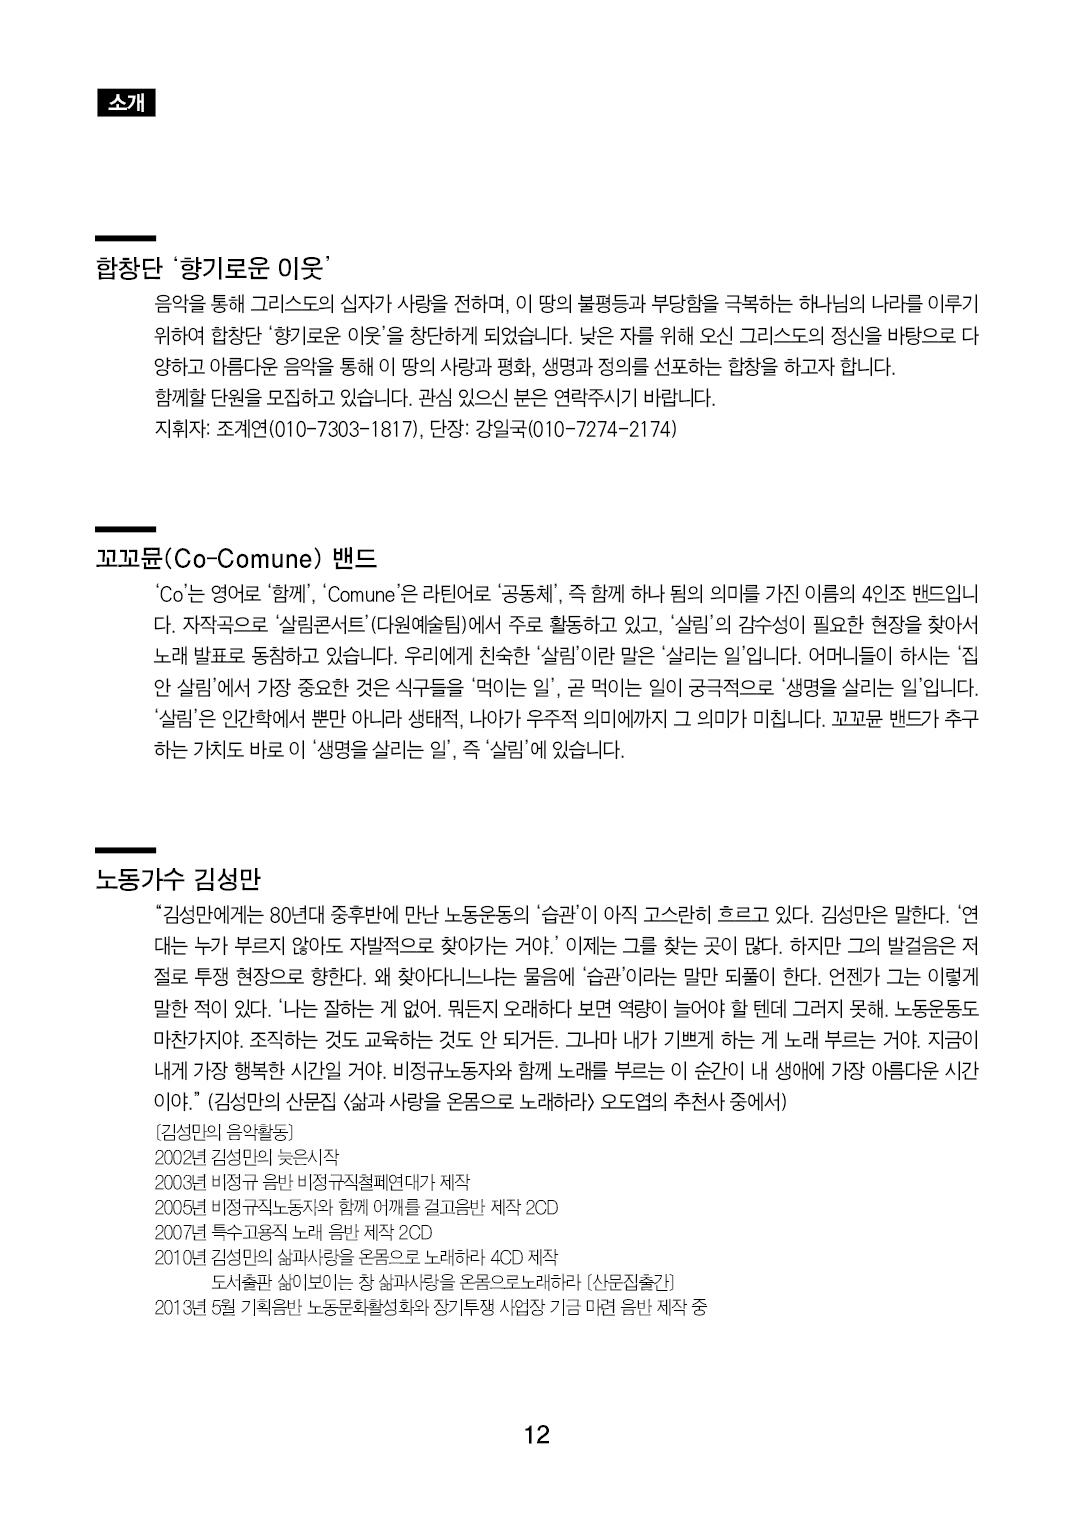 2013부활절연합예배_순서지12.jpg